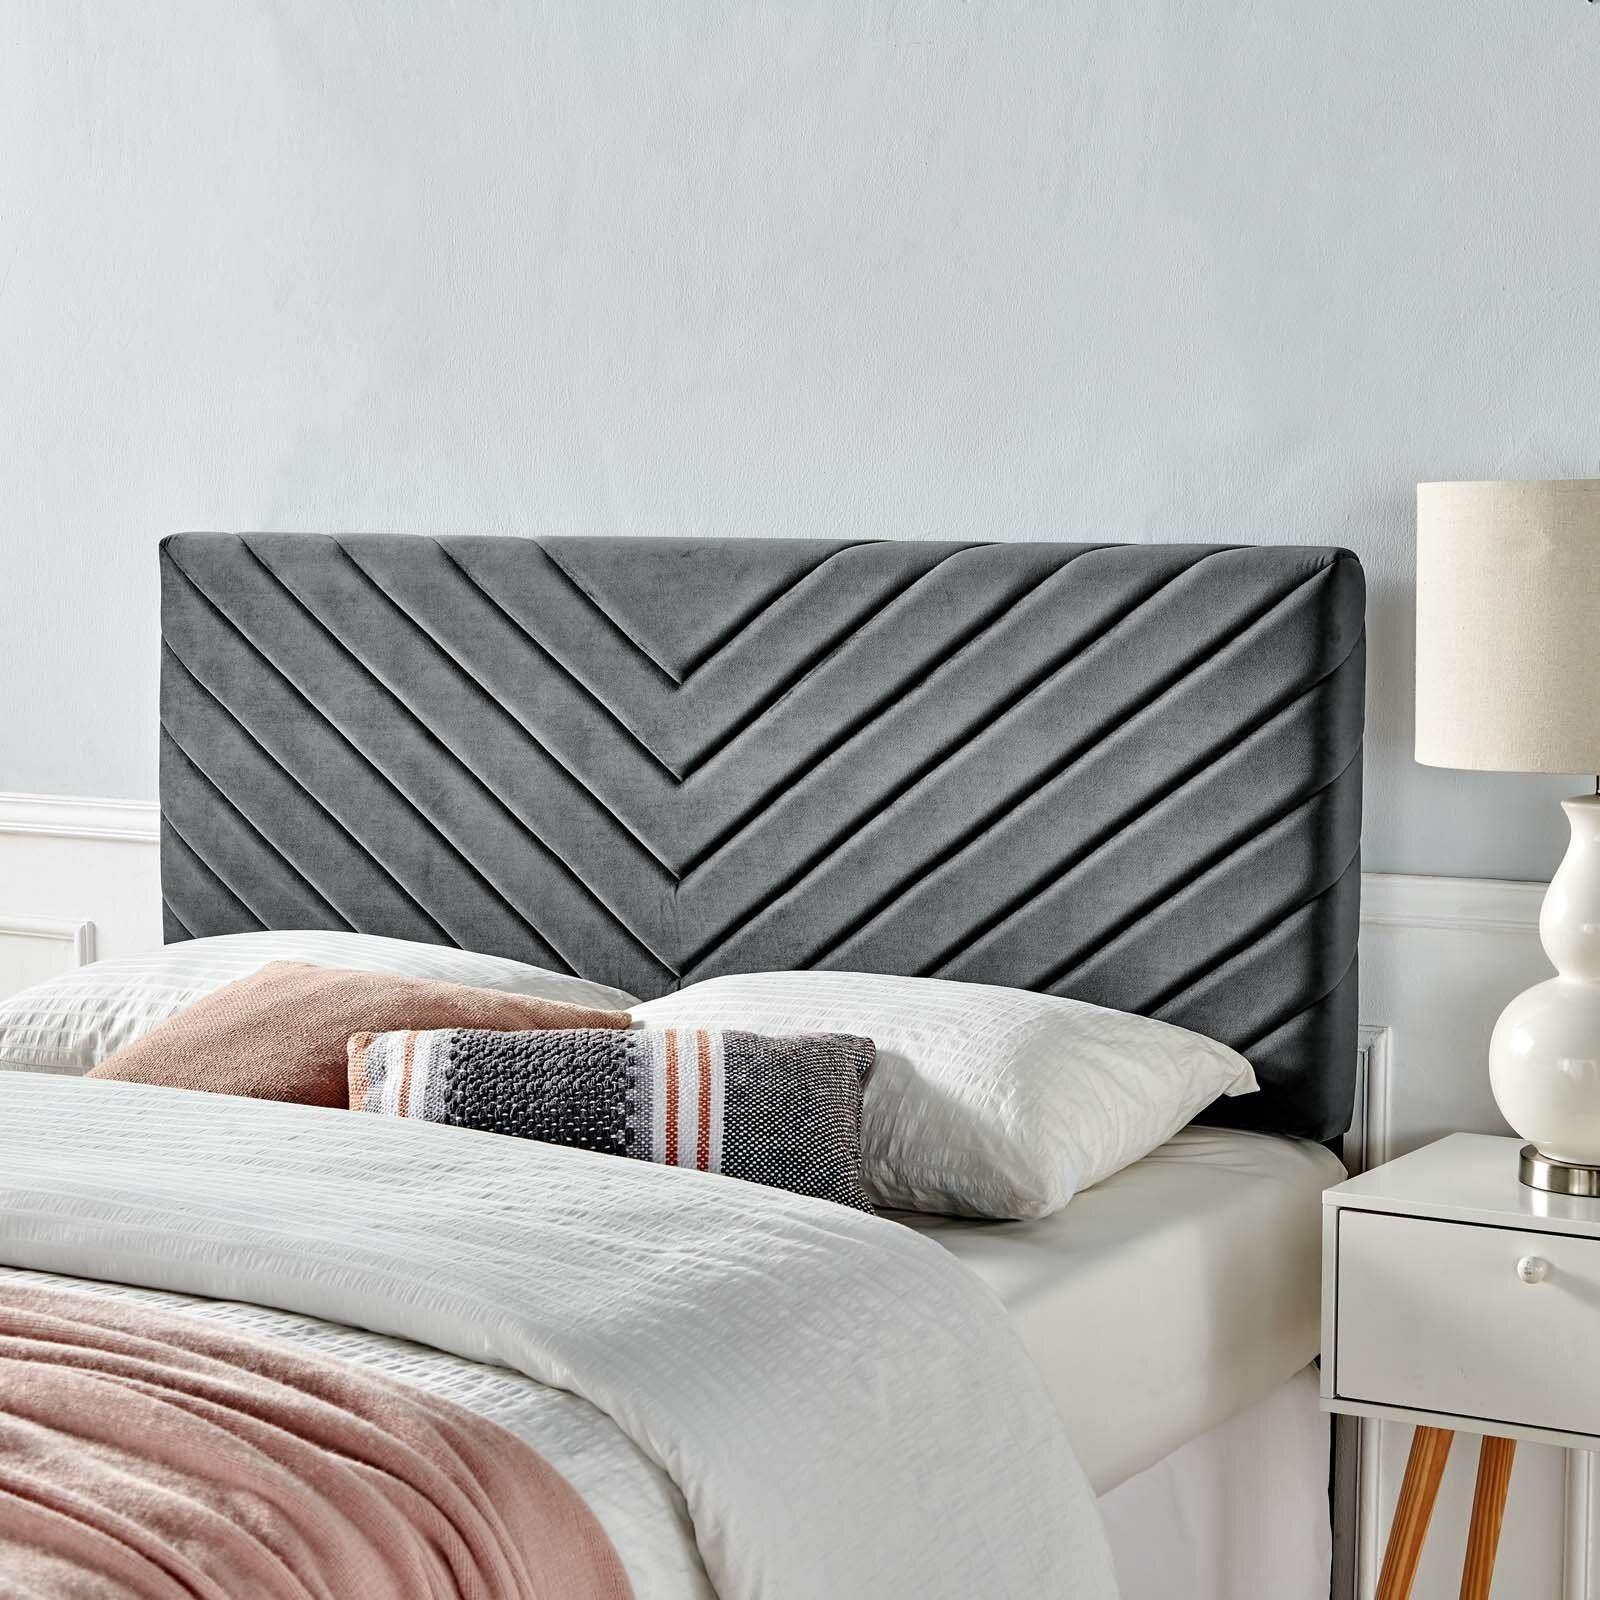 Colvard Upholstered Panel Headboard In 2020 Panel Headboard Twin Headboard Headboard